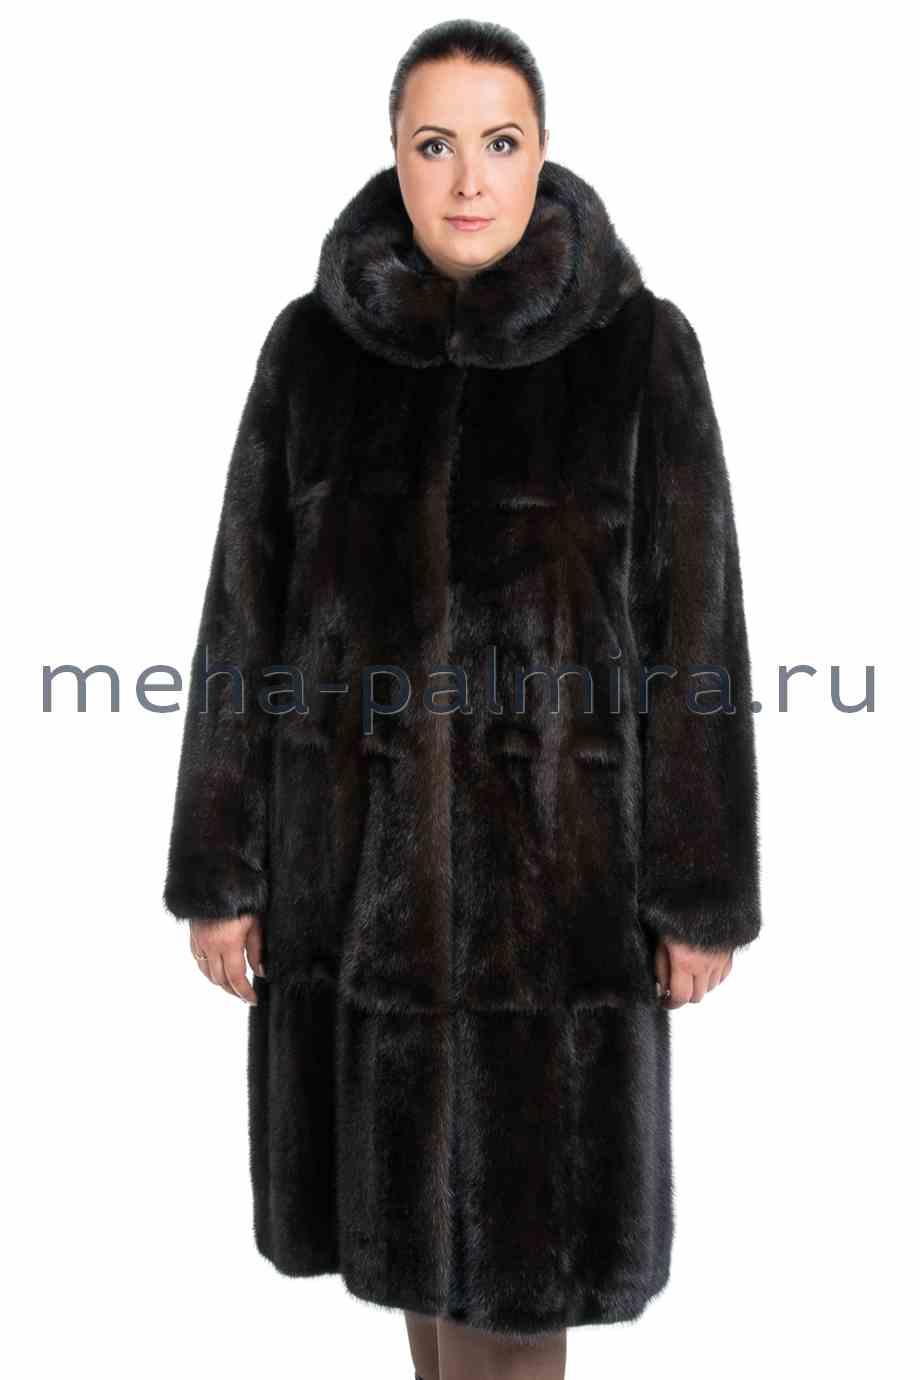 Женская норковая шуба с капюшоном, цвет коричневый